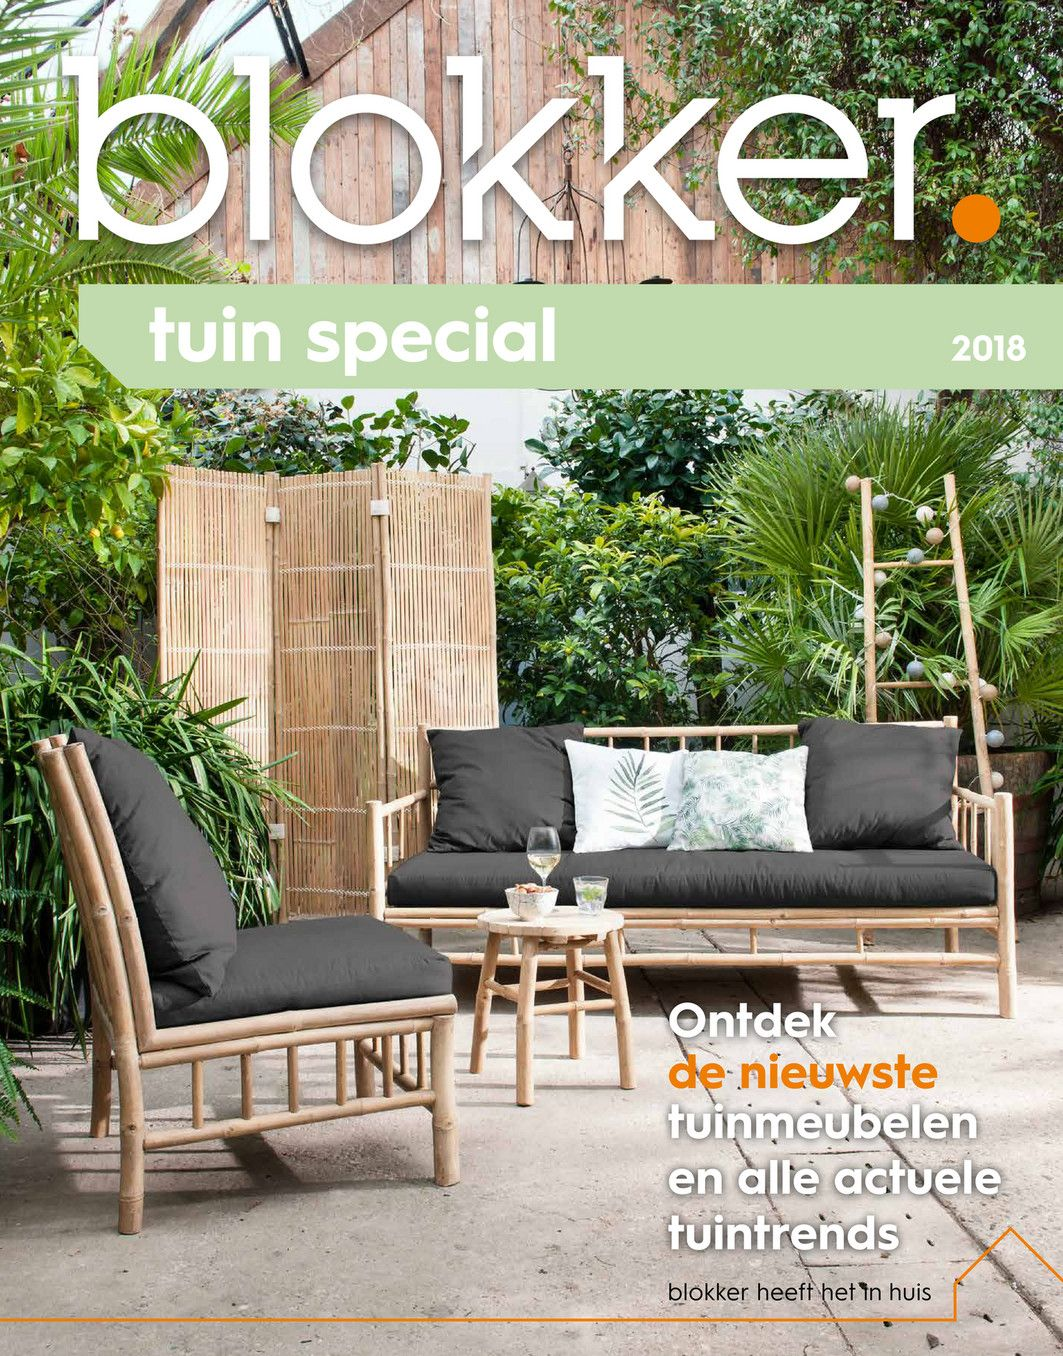 Houten Tuinbank Blokker.Blokker Folder Blokker Tuin Special 2018 Pagina 2 3